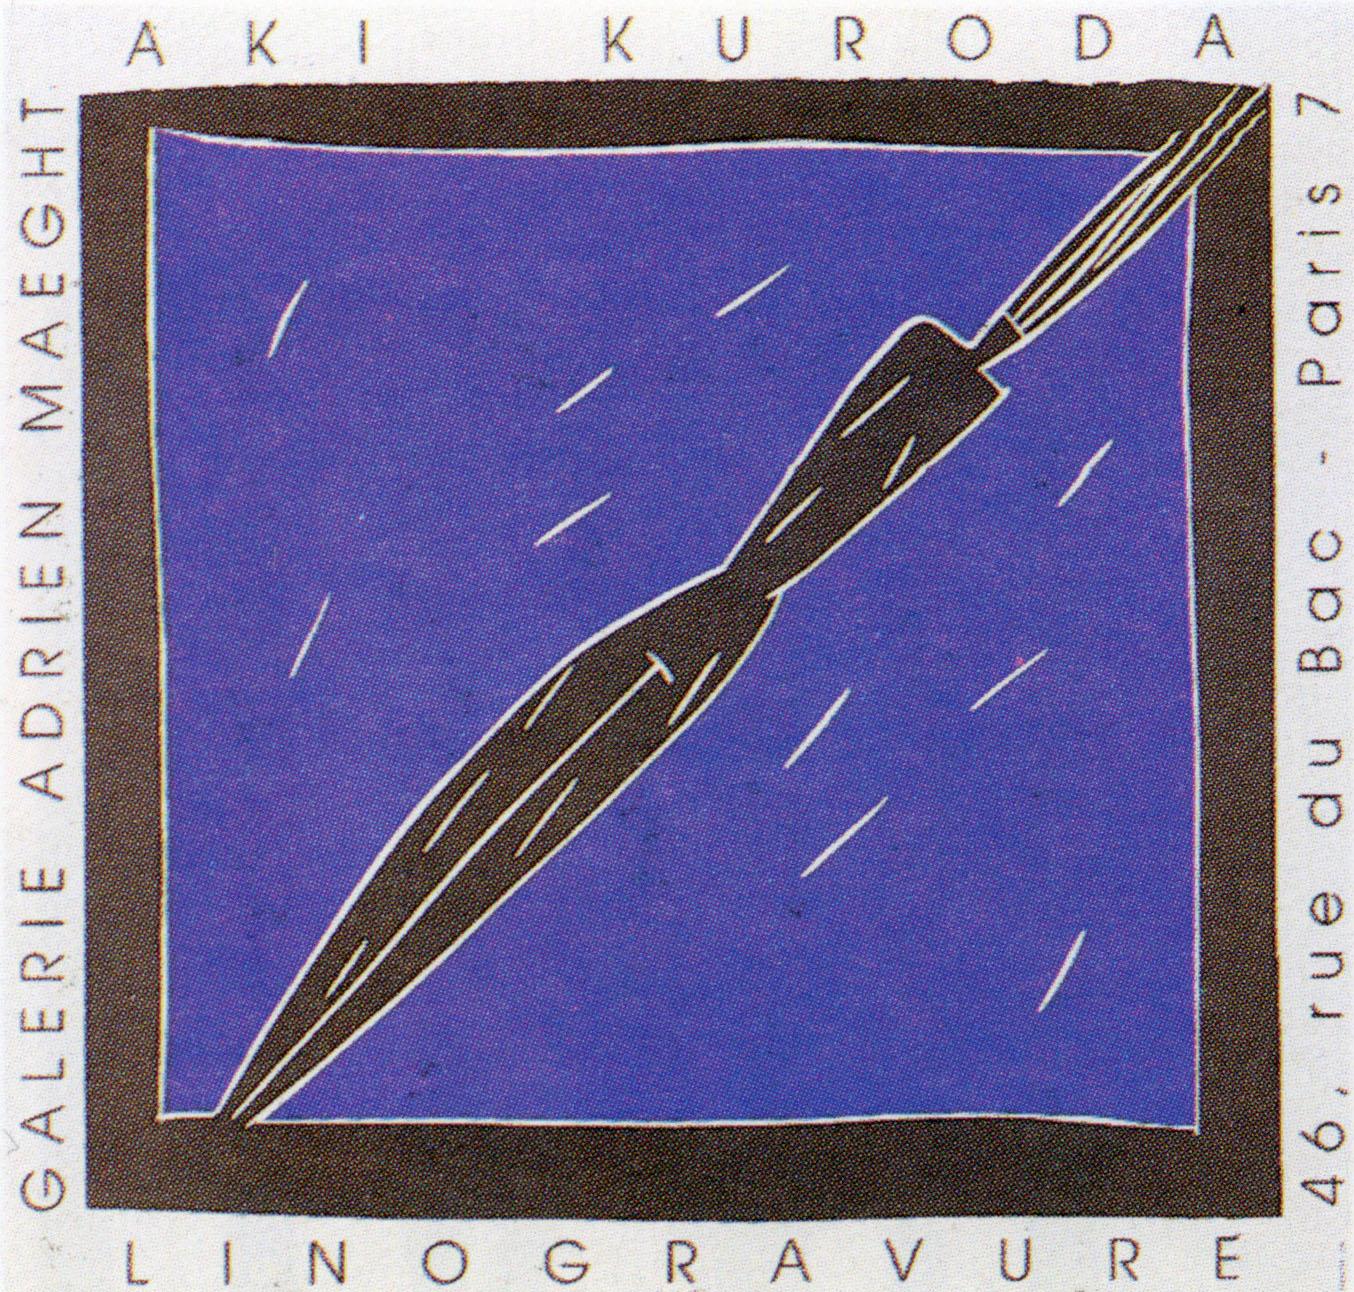 黒田アキ ポスター「Linogravure」 /Aki Koroda